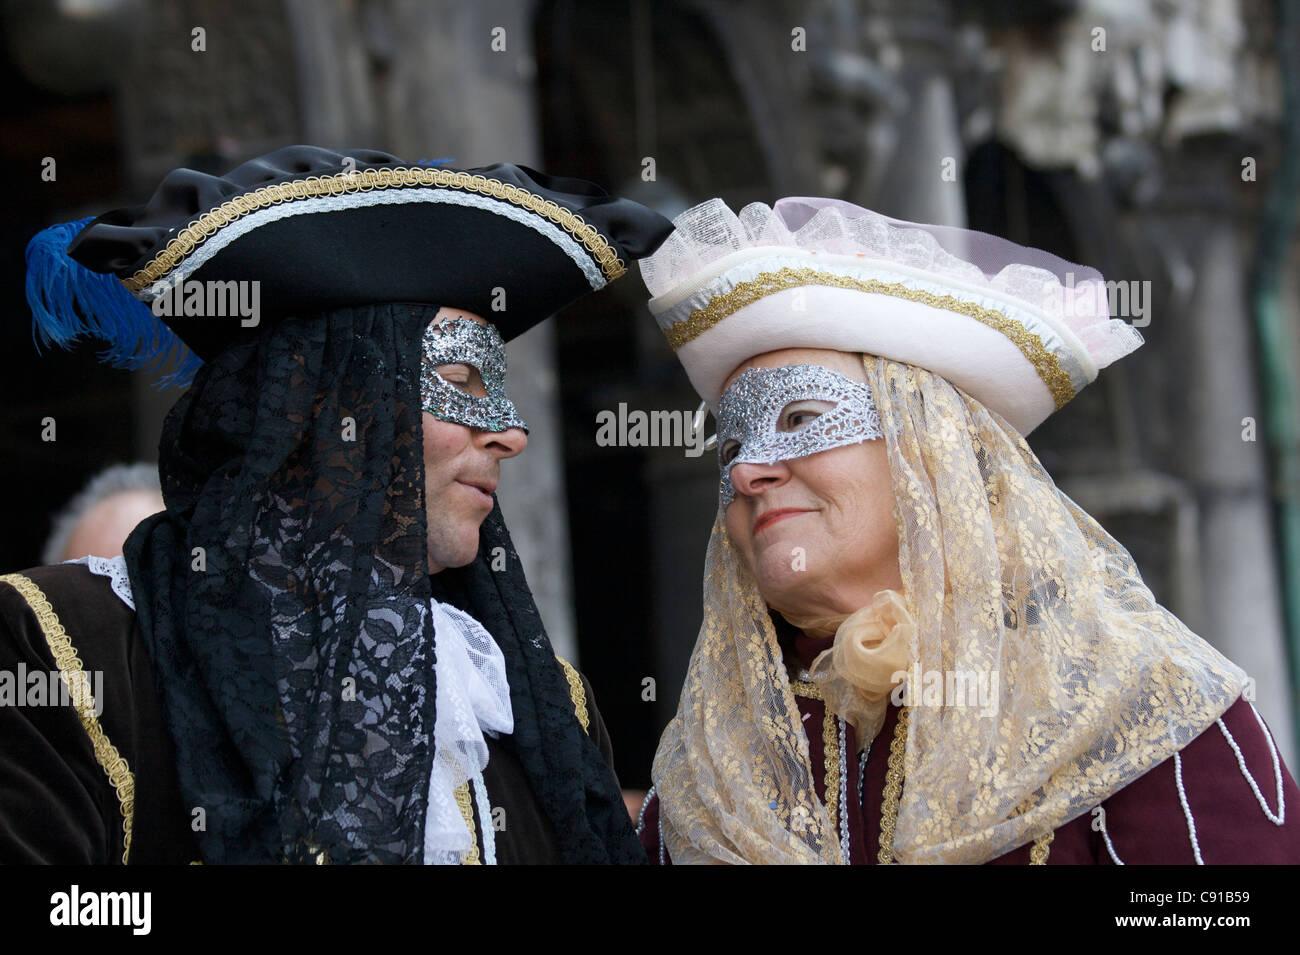 prezzi al dettaglio acquista per il meglio scarpe classiche Un uomo e una donna nel carnevale veneziano outfits ...